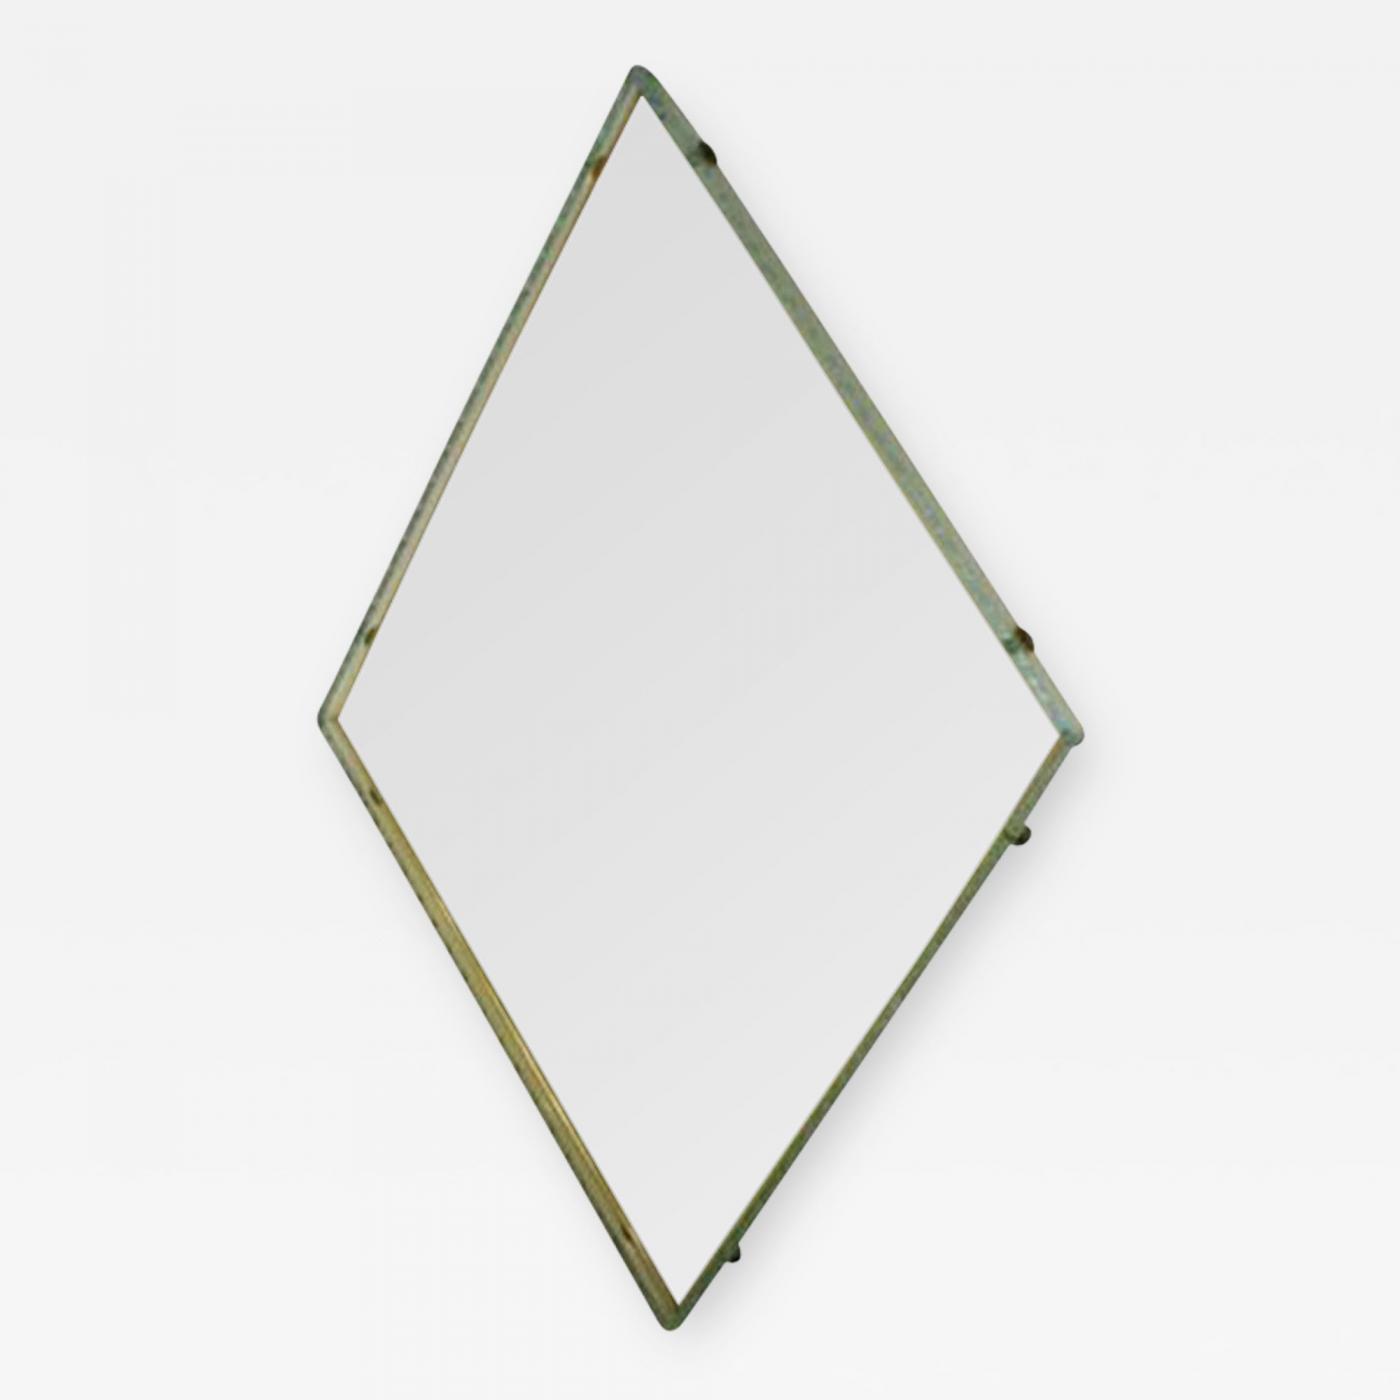 Fontana Arte A Diamond Shaped Wall Mirror By Fontana Arte